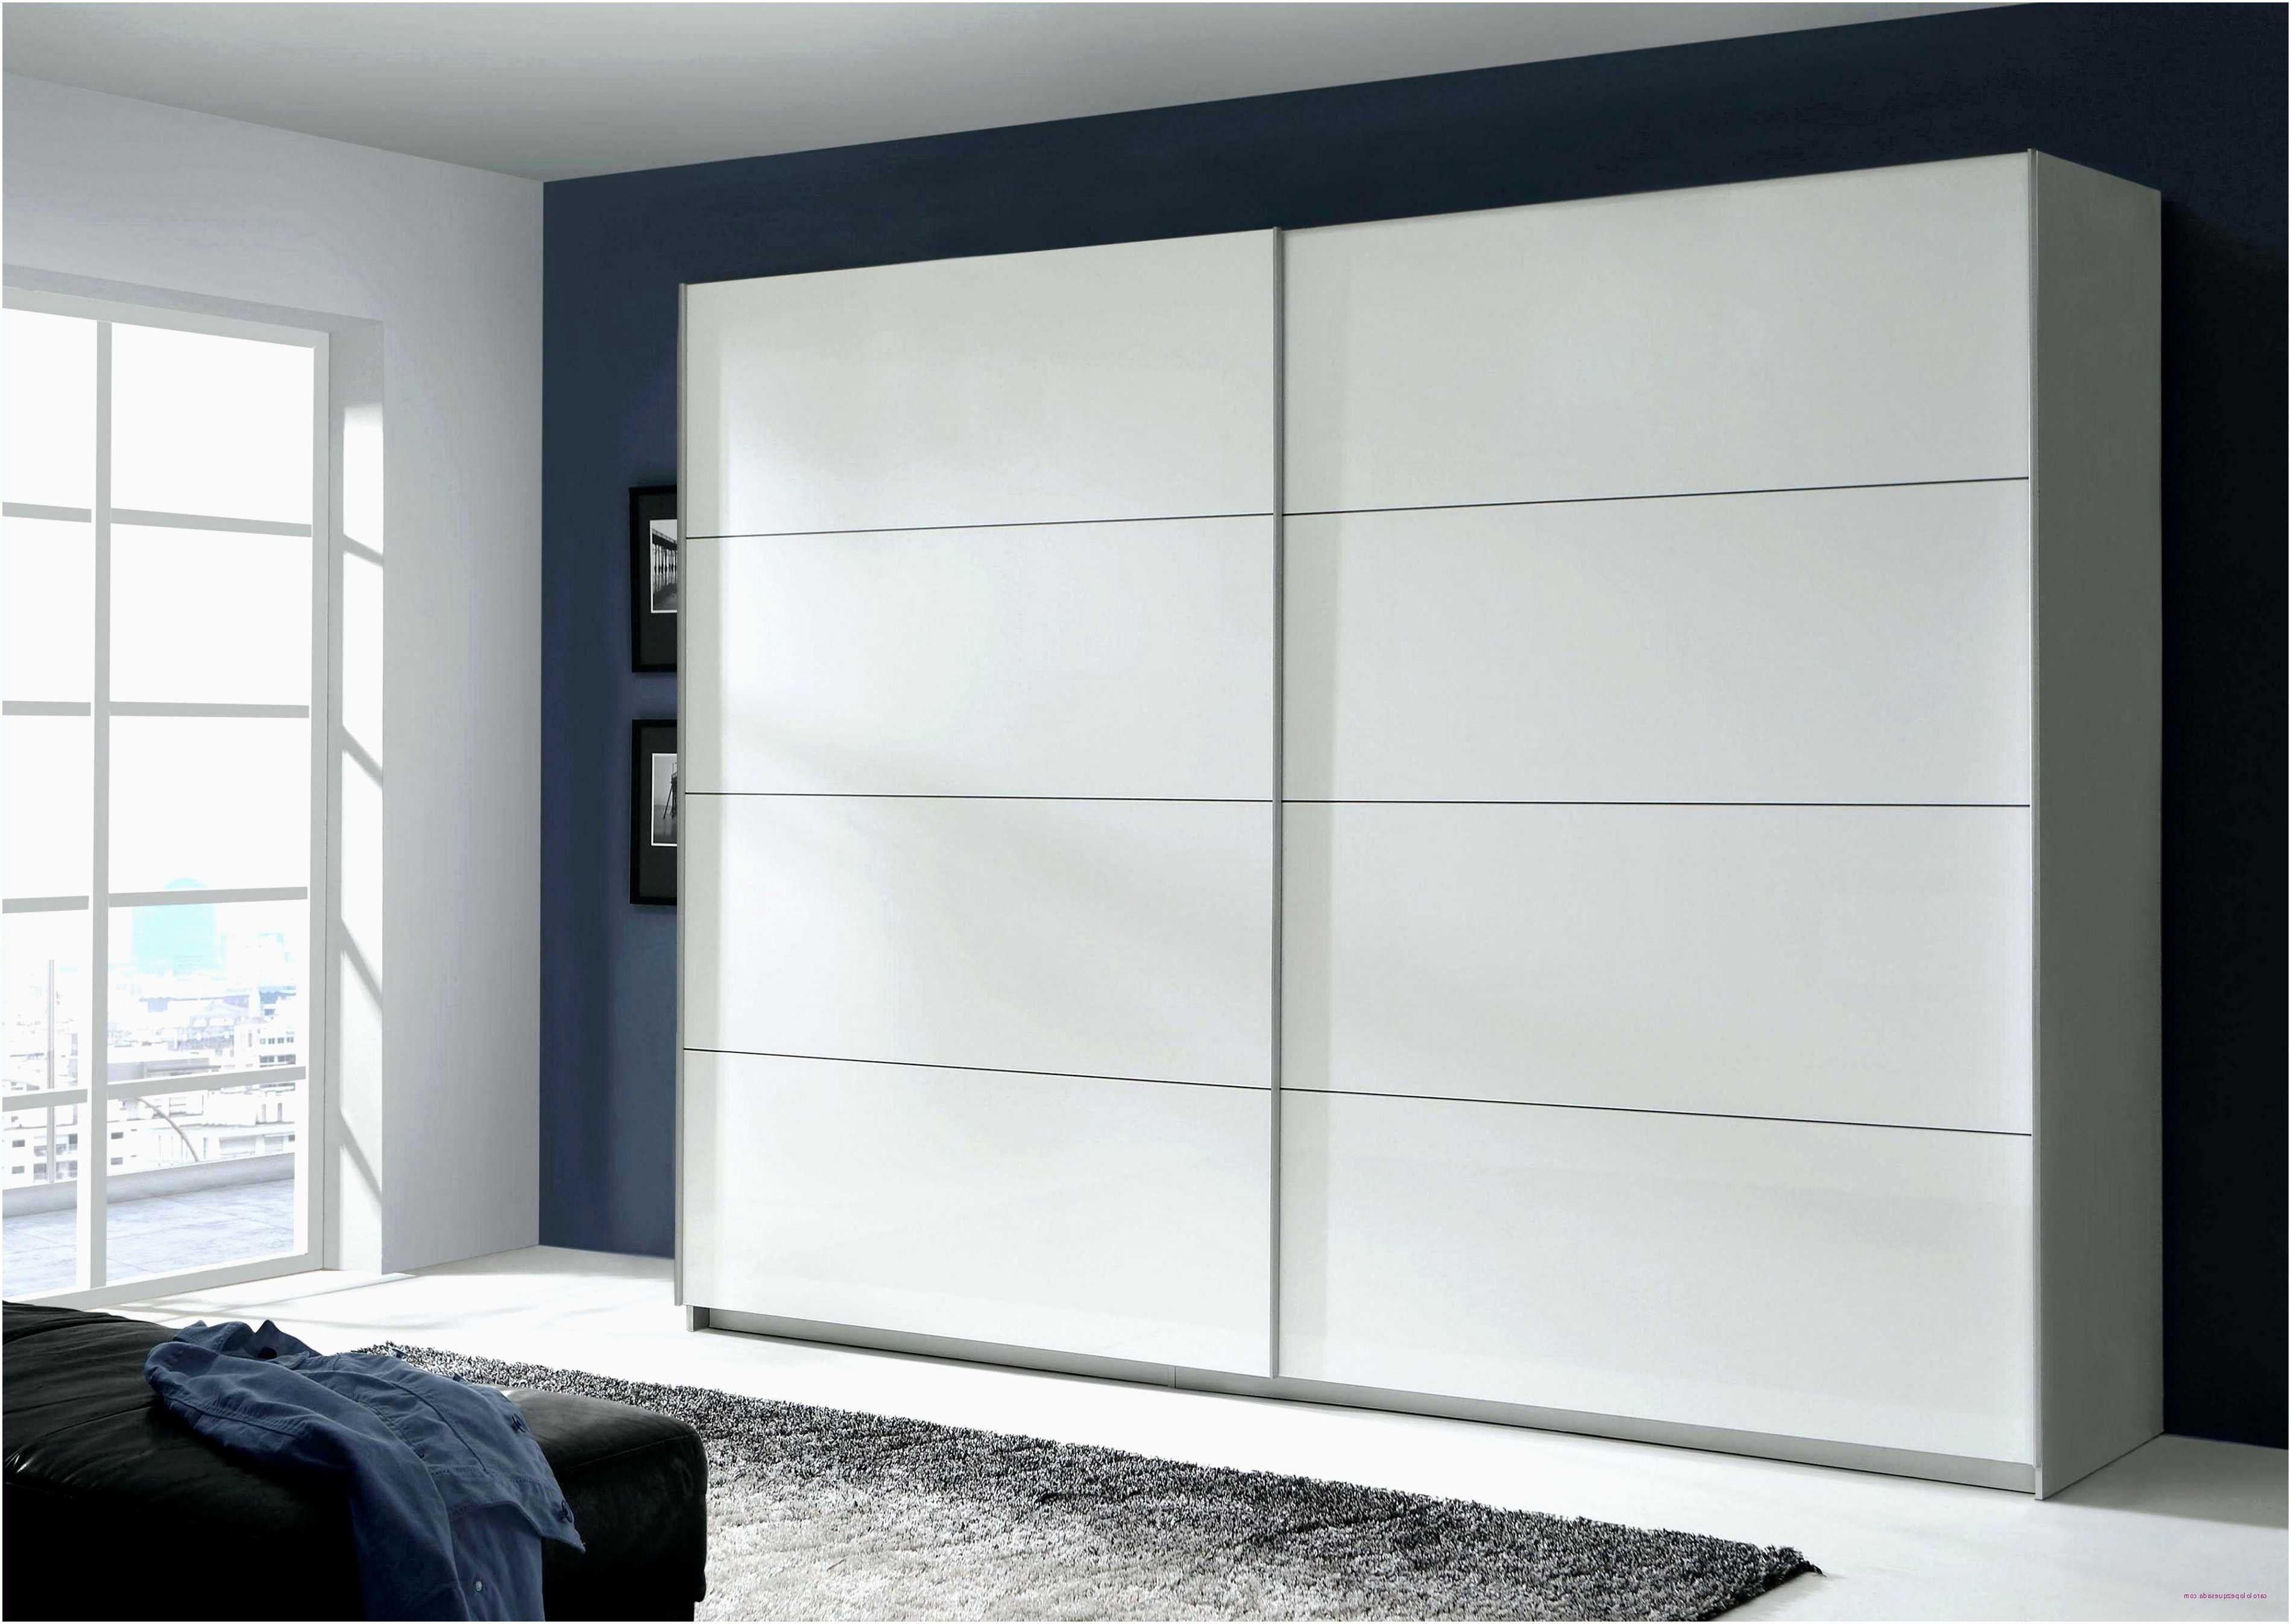 Cool Schrank Offen Badezimmer Spiegelschrank Schrank Design Modernes Badezimmerdesign